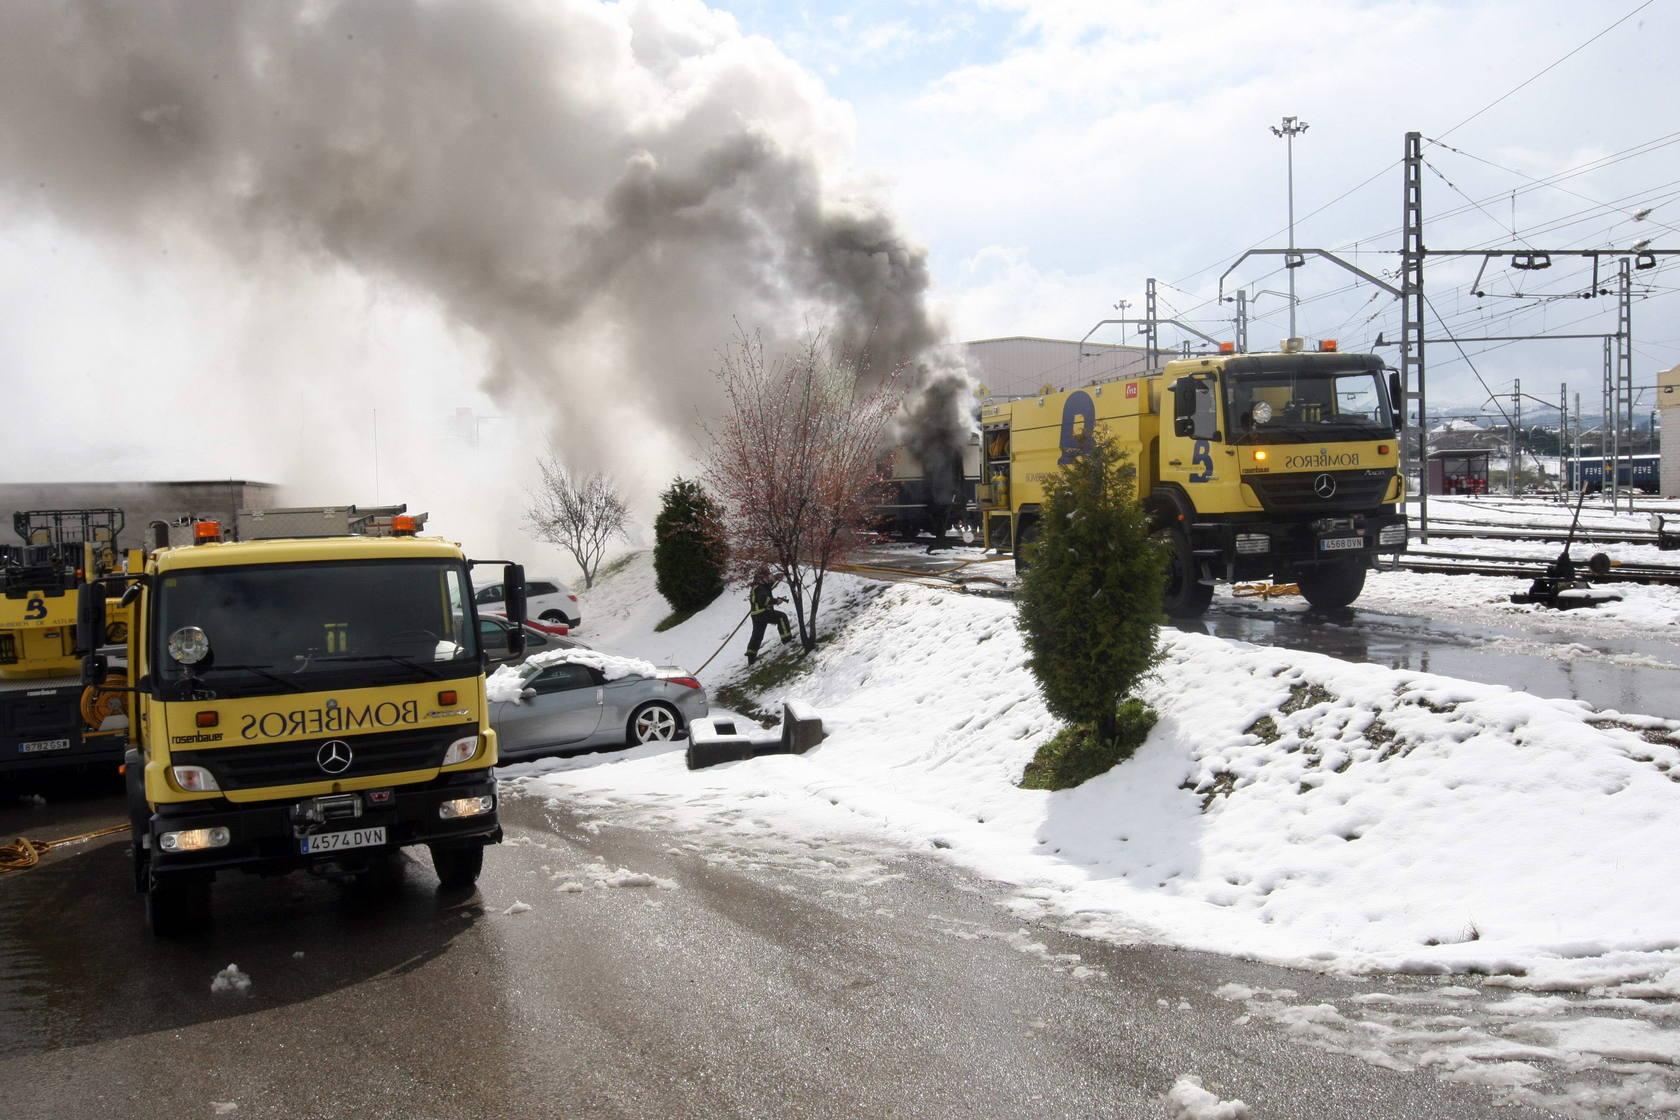 Tres vagones del Transcantábrico arden en El Berrón